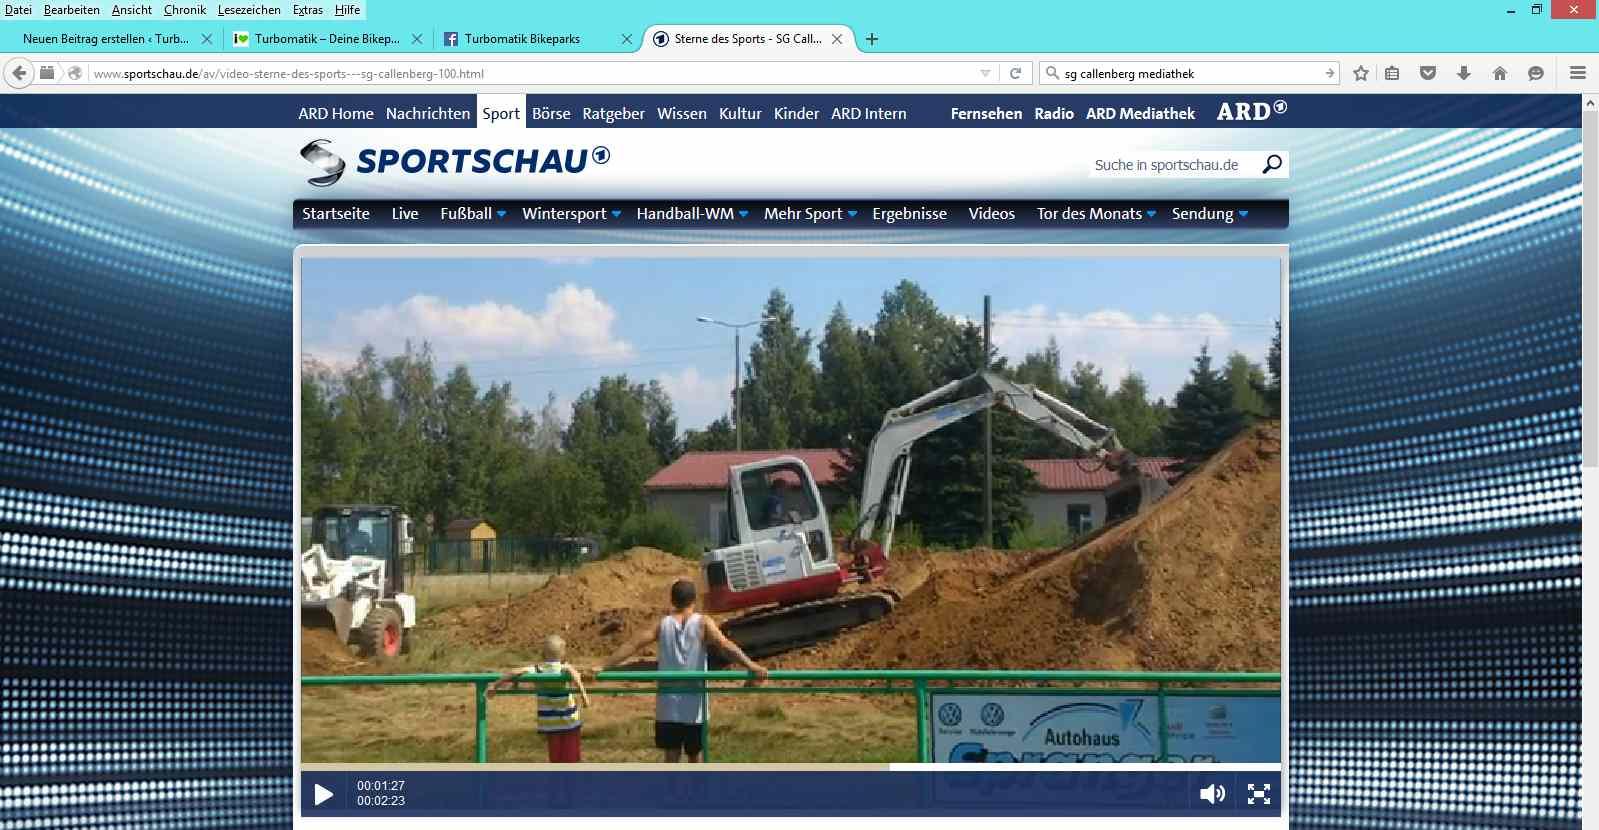 Turbomatik Callenberg Sportschau Ard